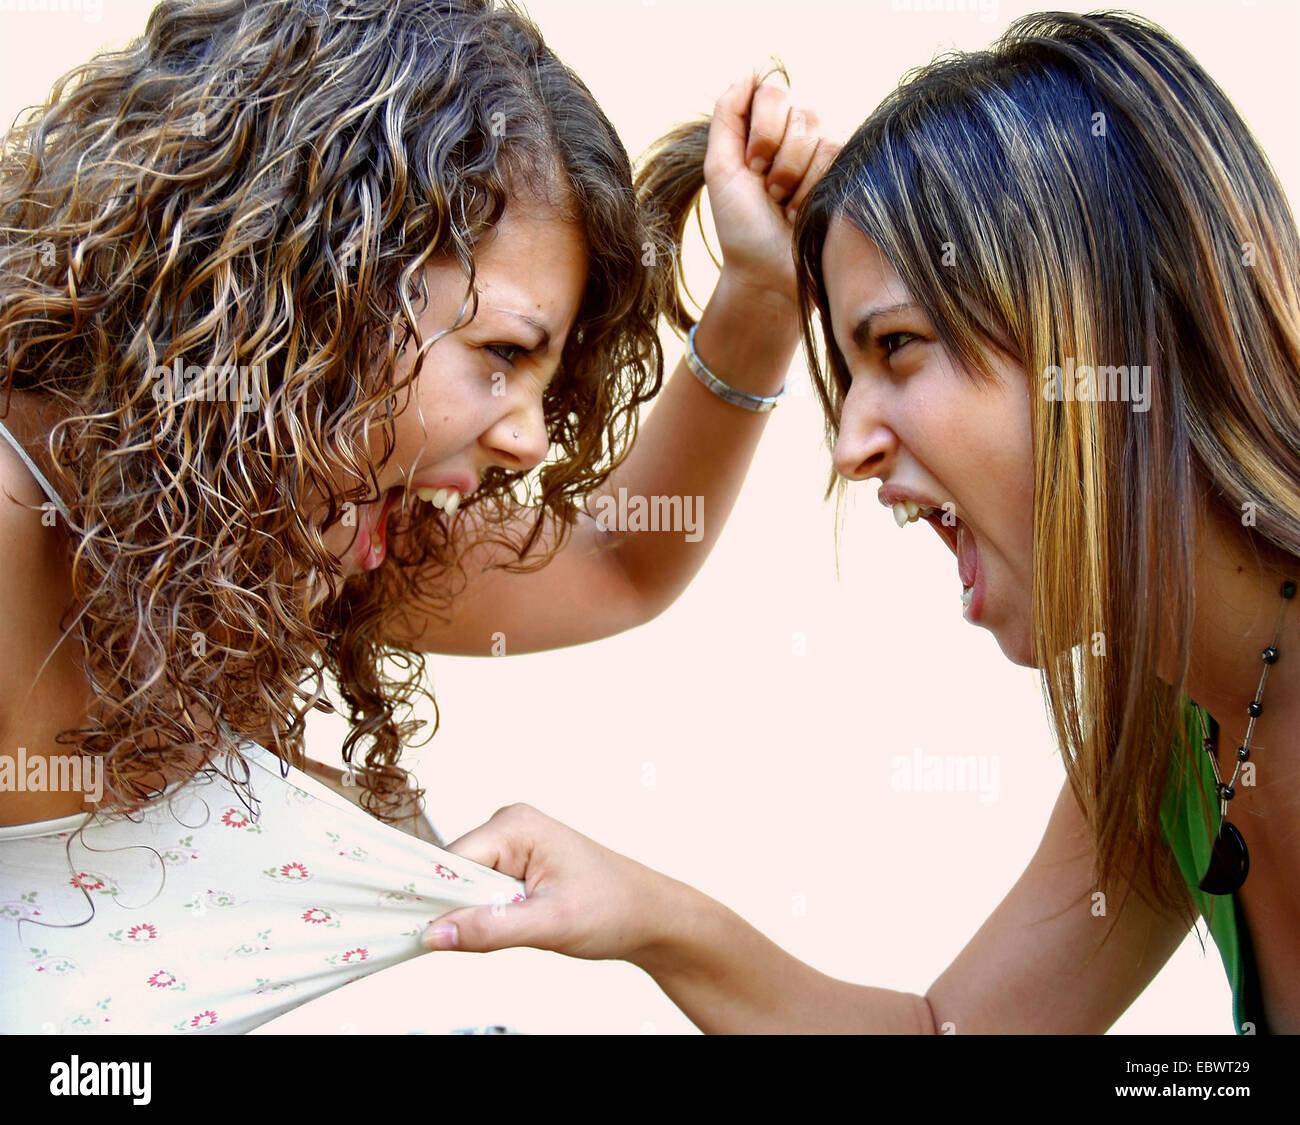 Due giovani donne faccia a faccia girare violento Immagini Stock